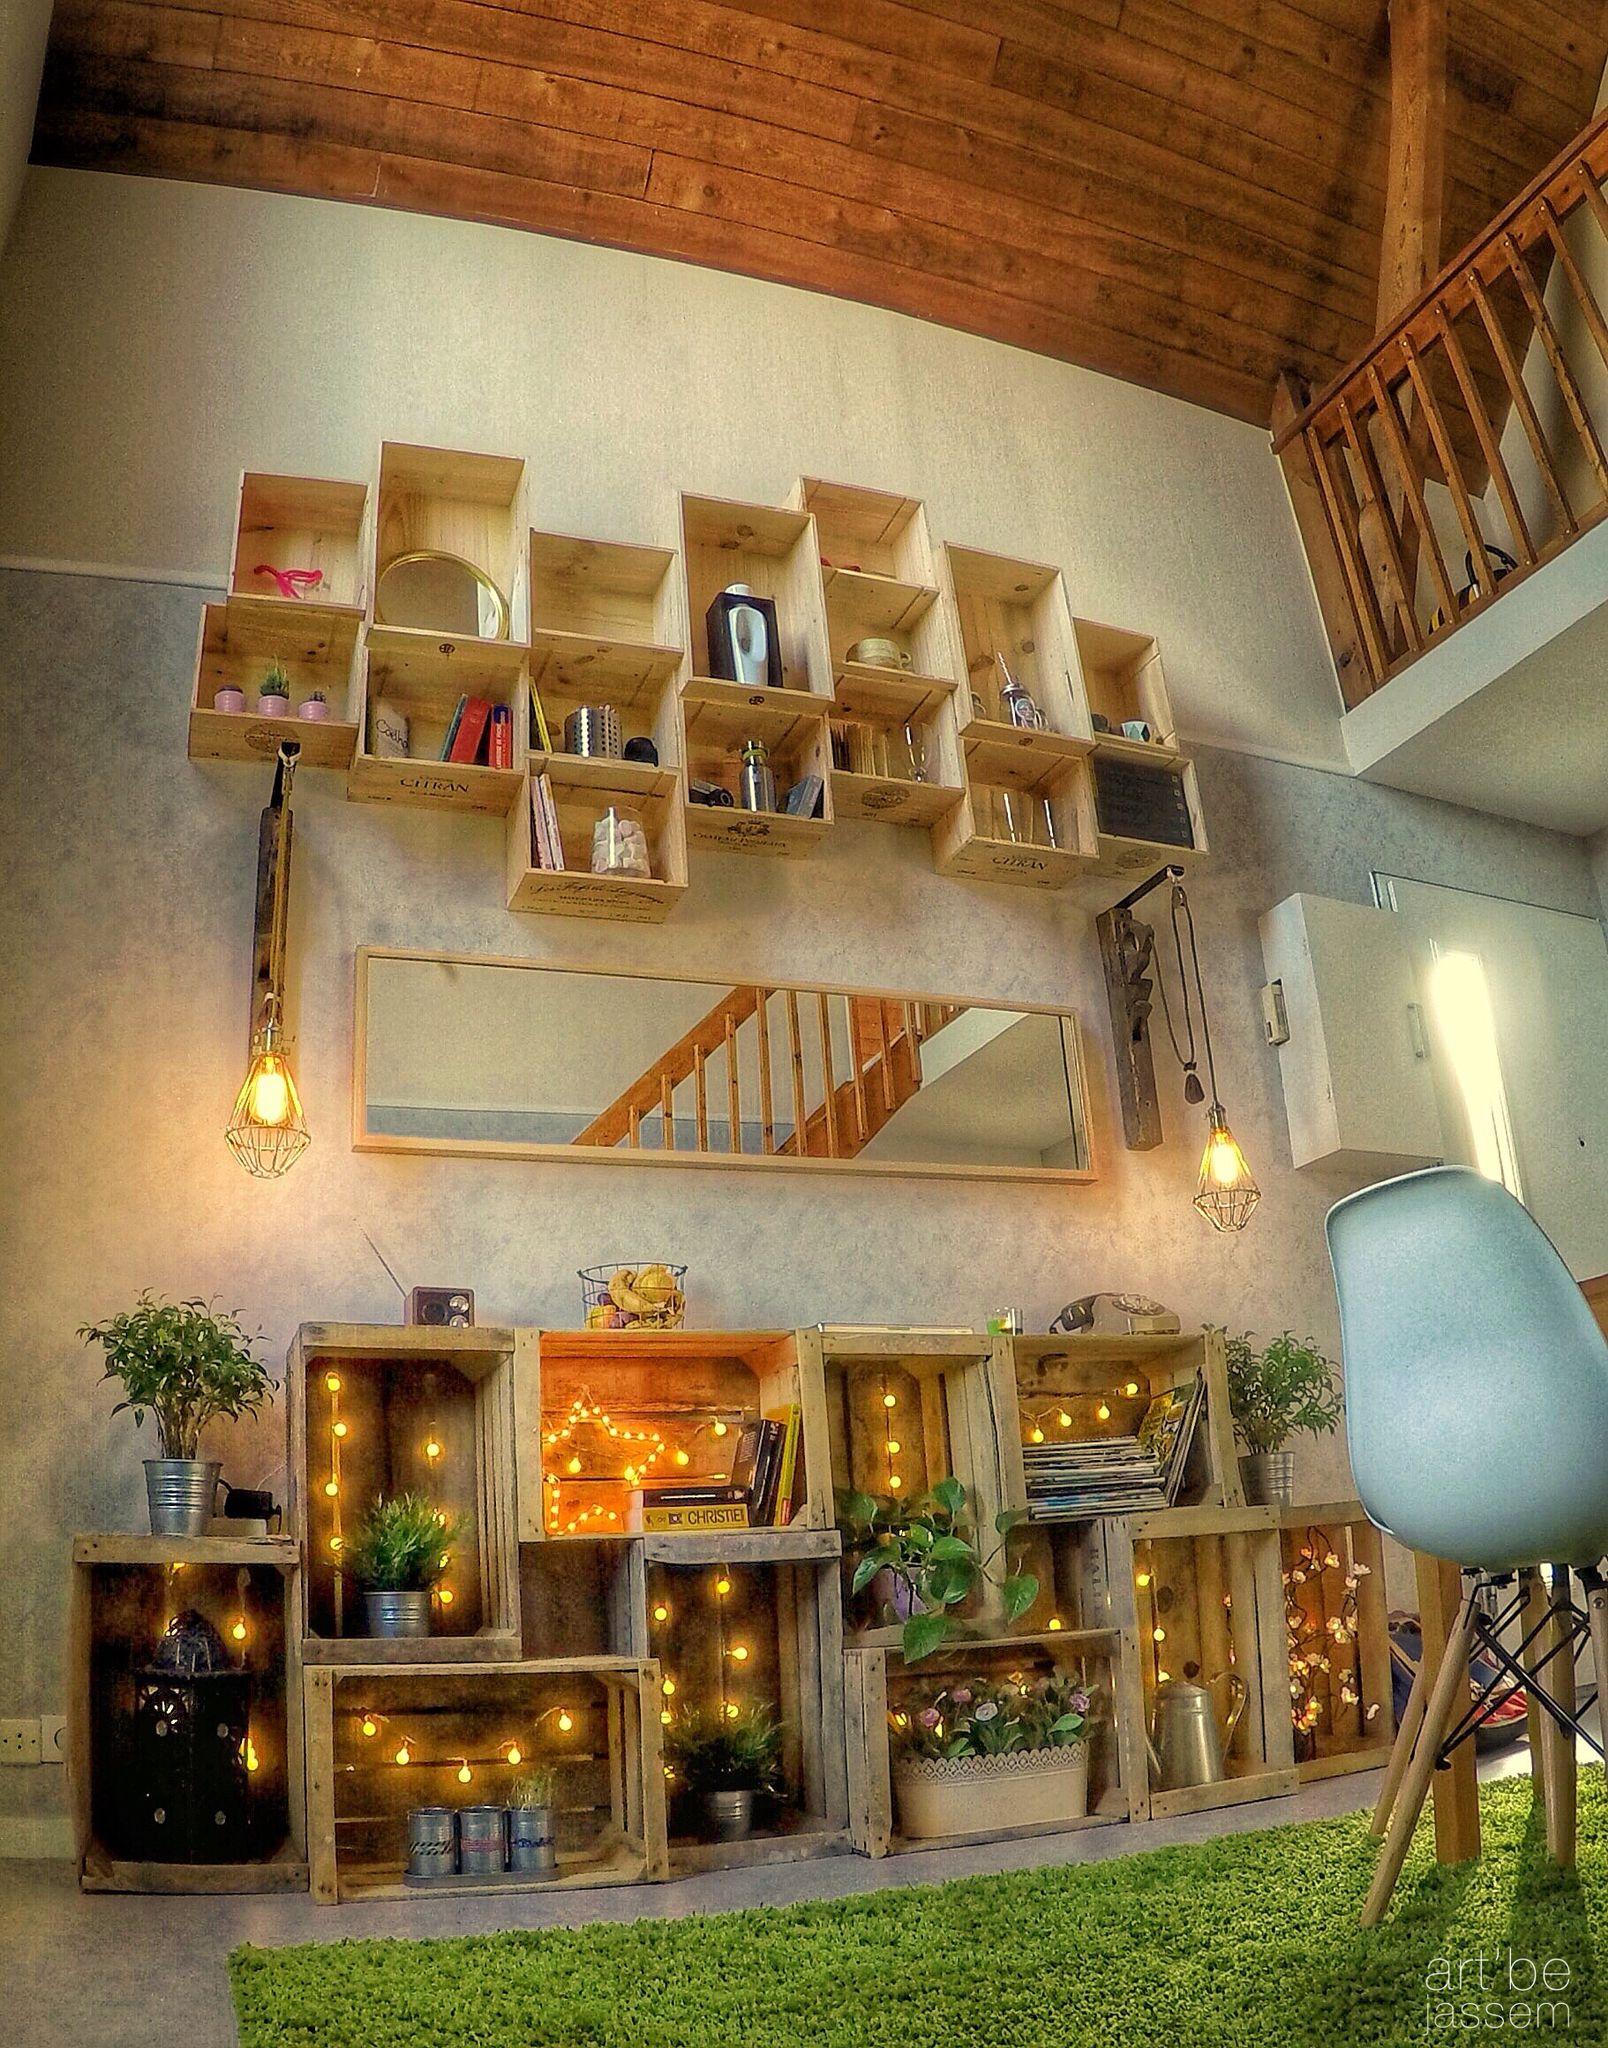 meubles en caisses de pommes avec guirlandes lumineuse et caisses de vins assembl s au mur diy. Black Bedroom Furniture Sets. Home Design Ideas